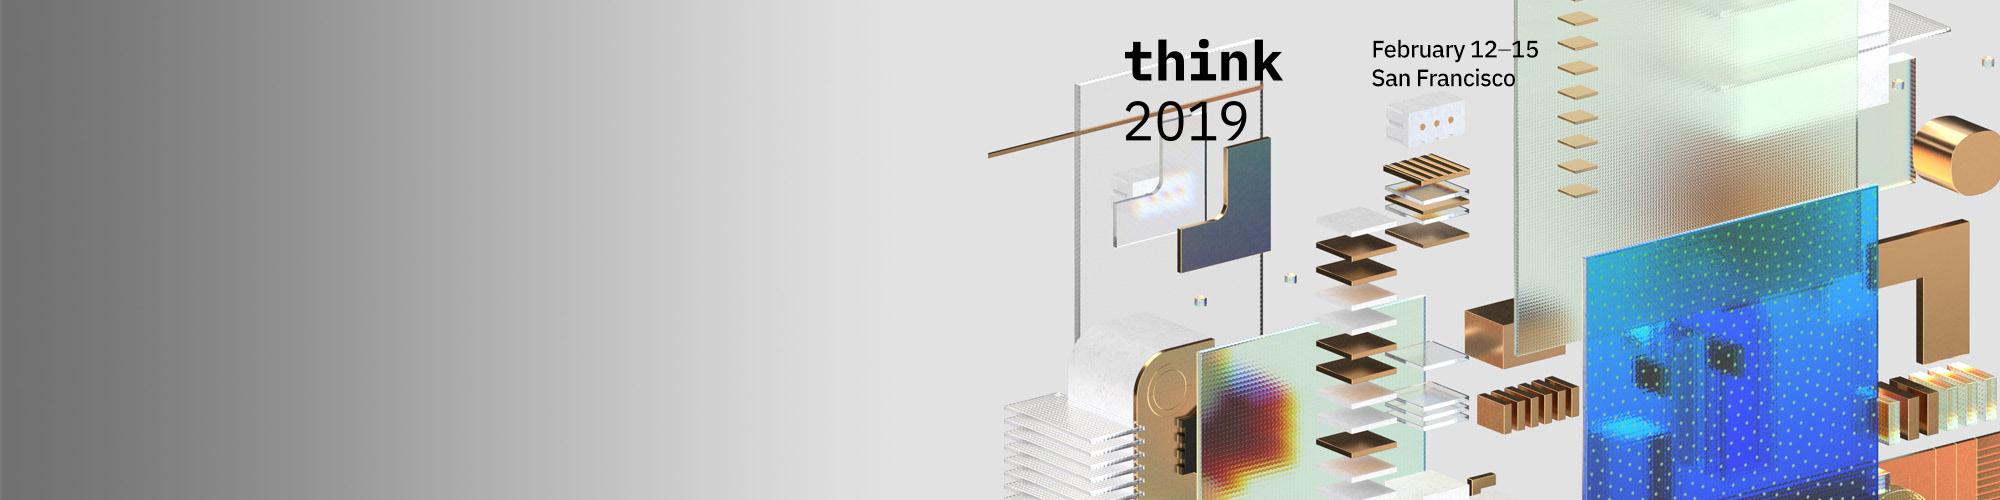 IBM News Room - THINK 2019